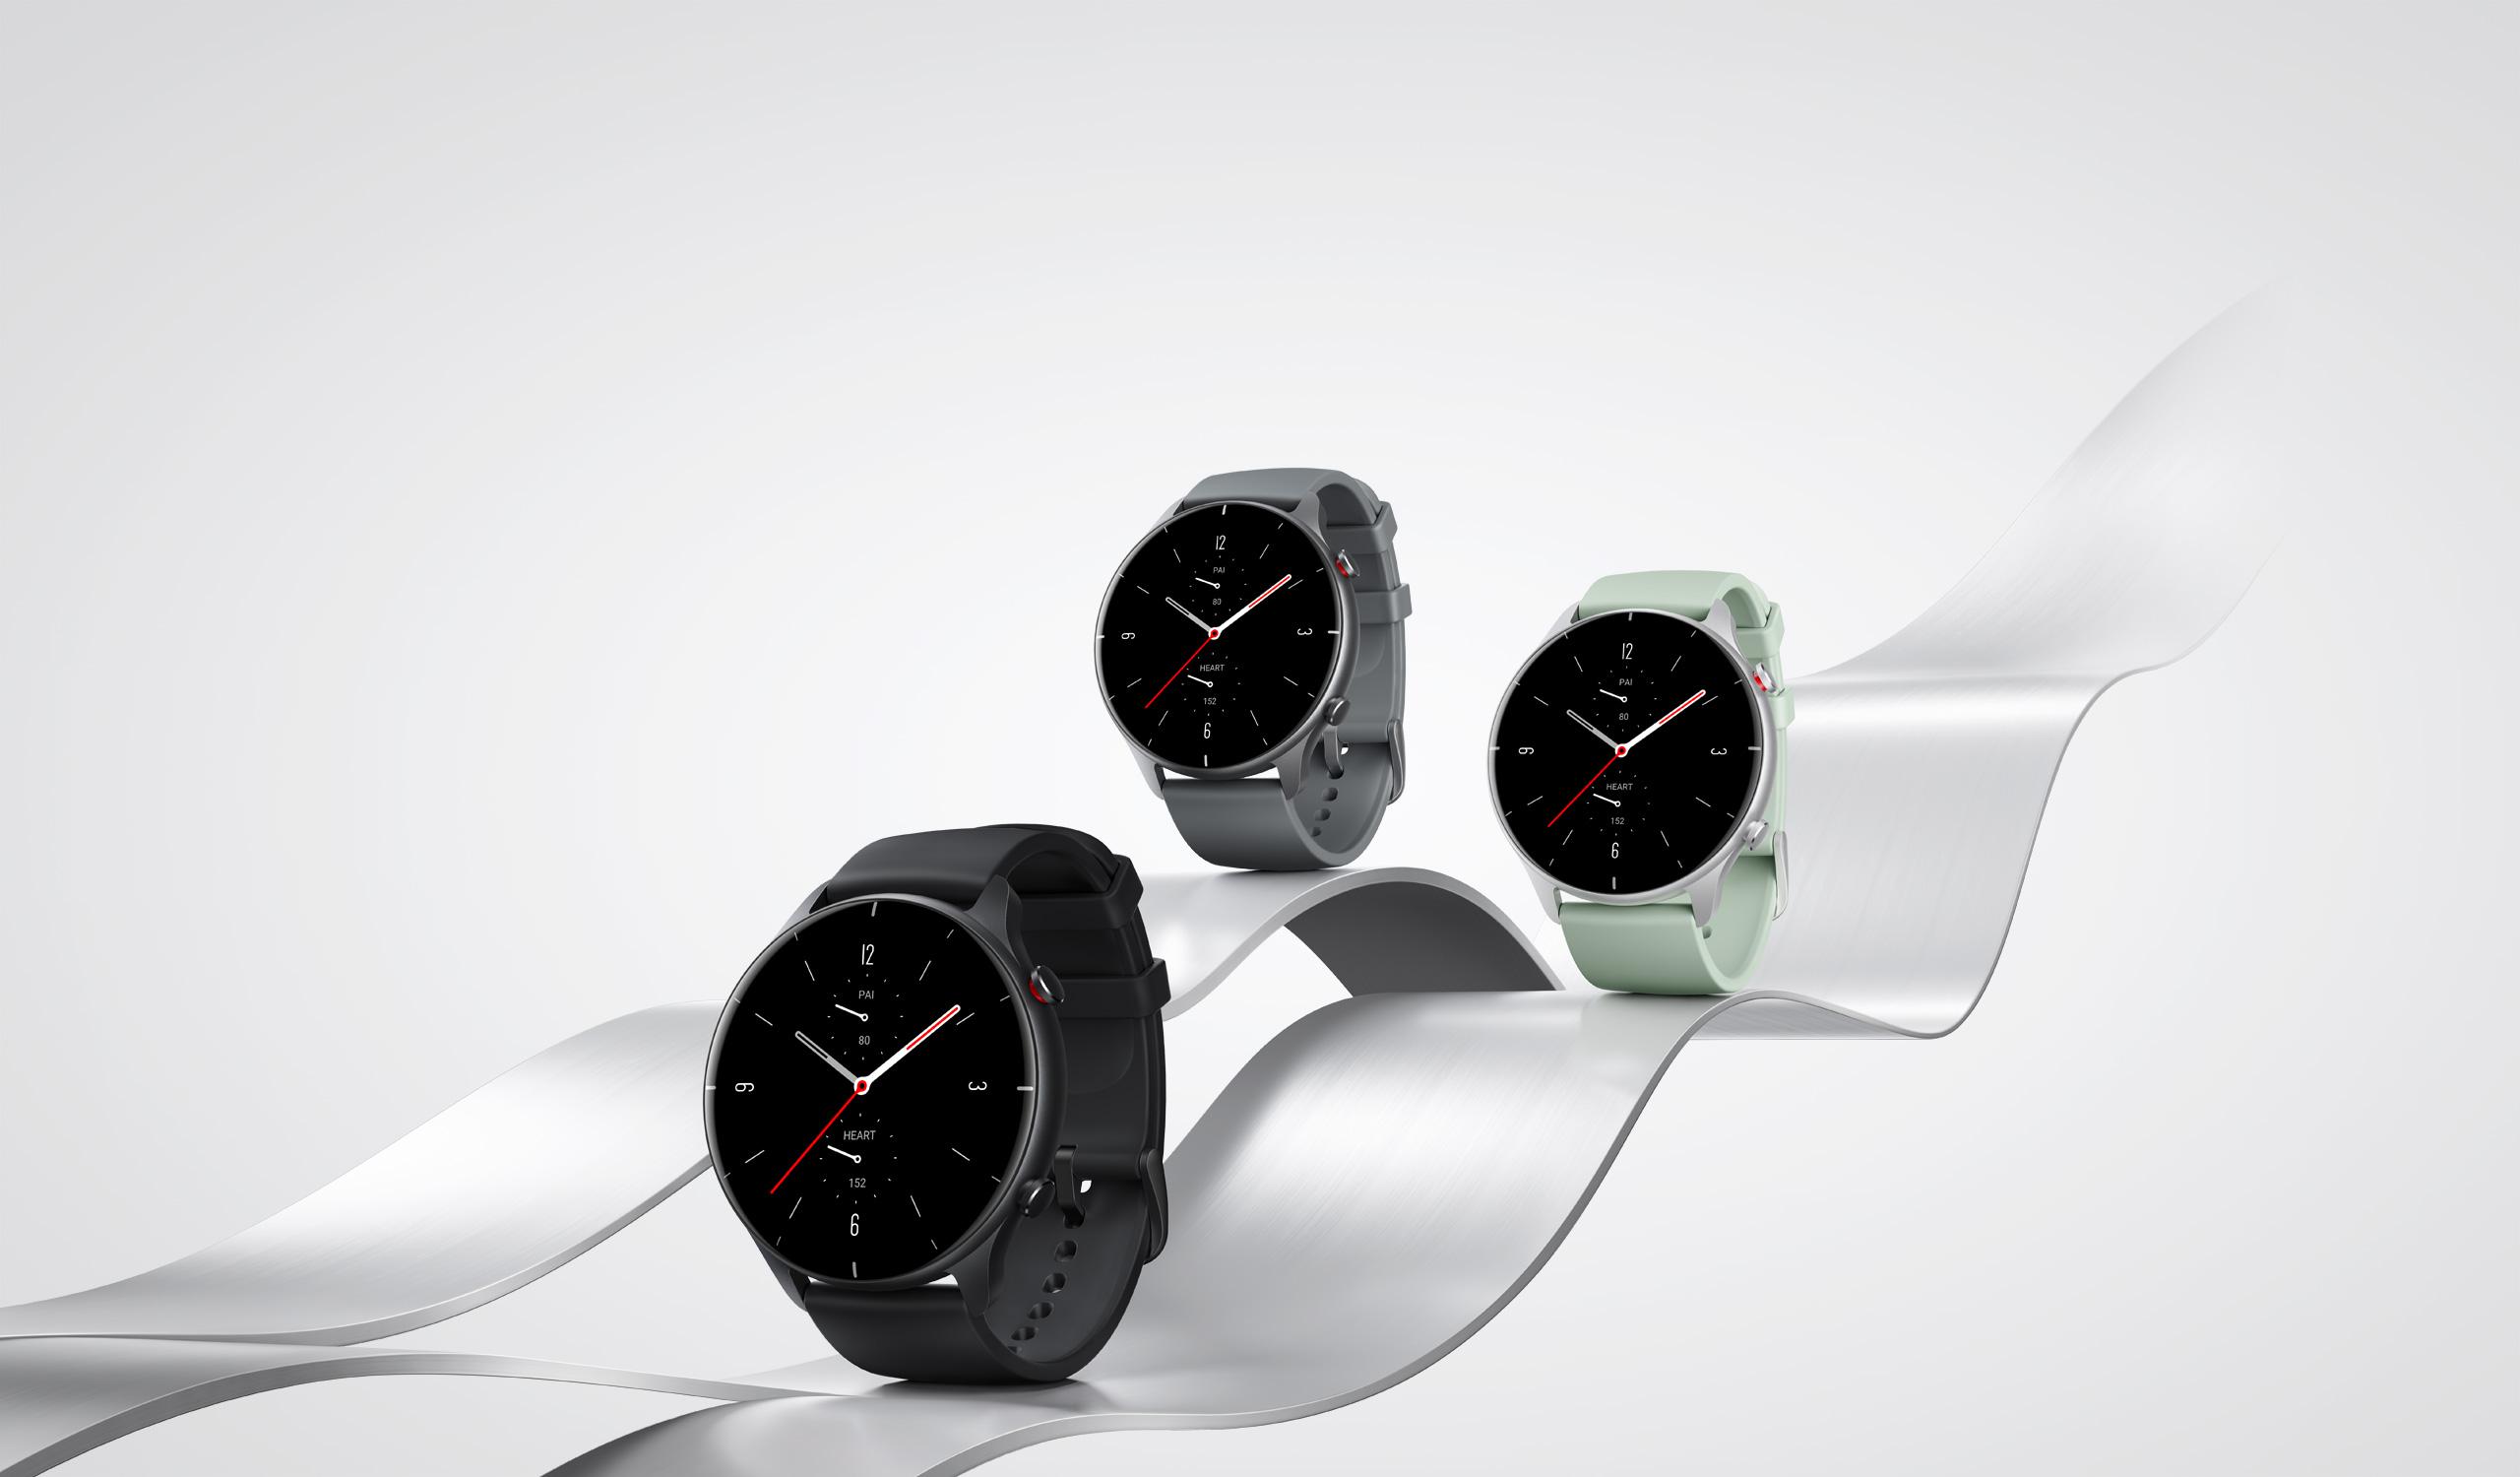 ELKO Romania diversifică gama de produse smart wearables cu noi modele de ceasuri inteligente Amazfit